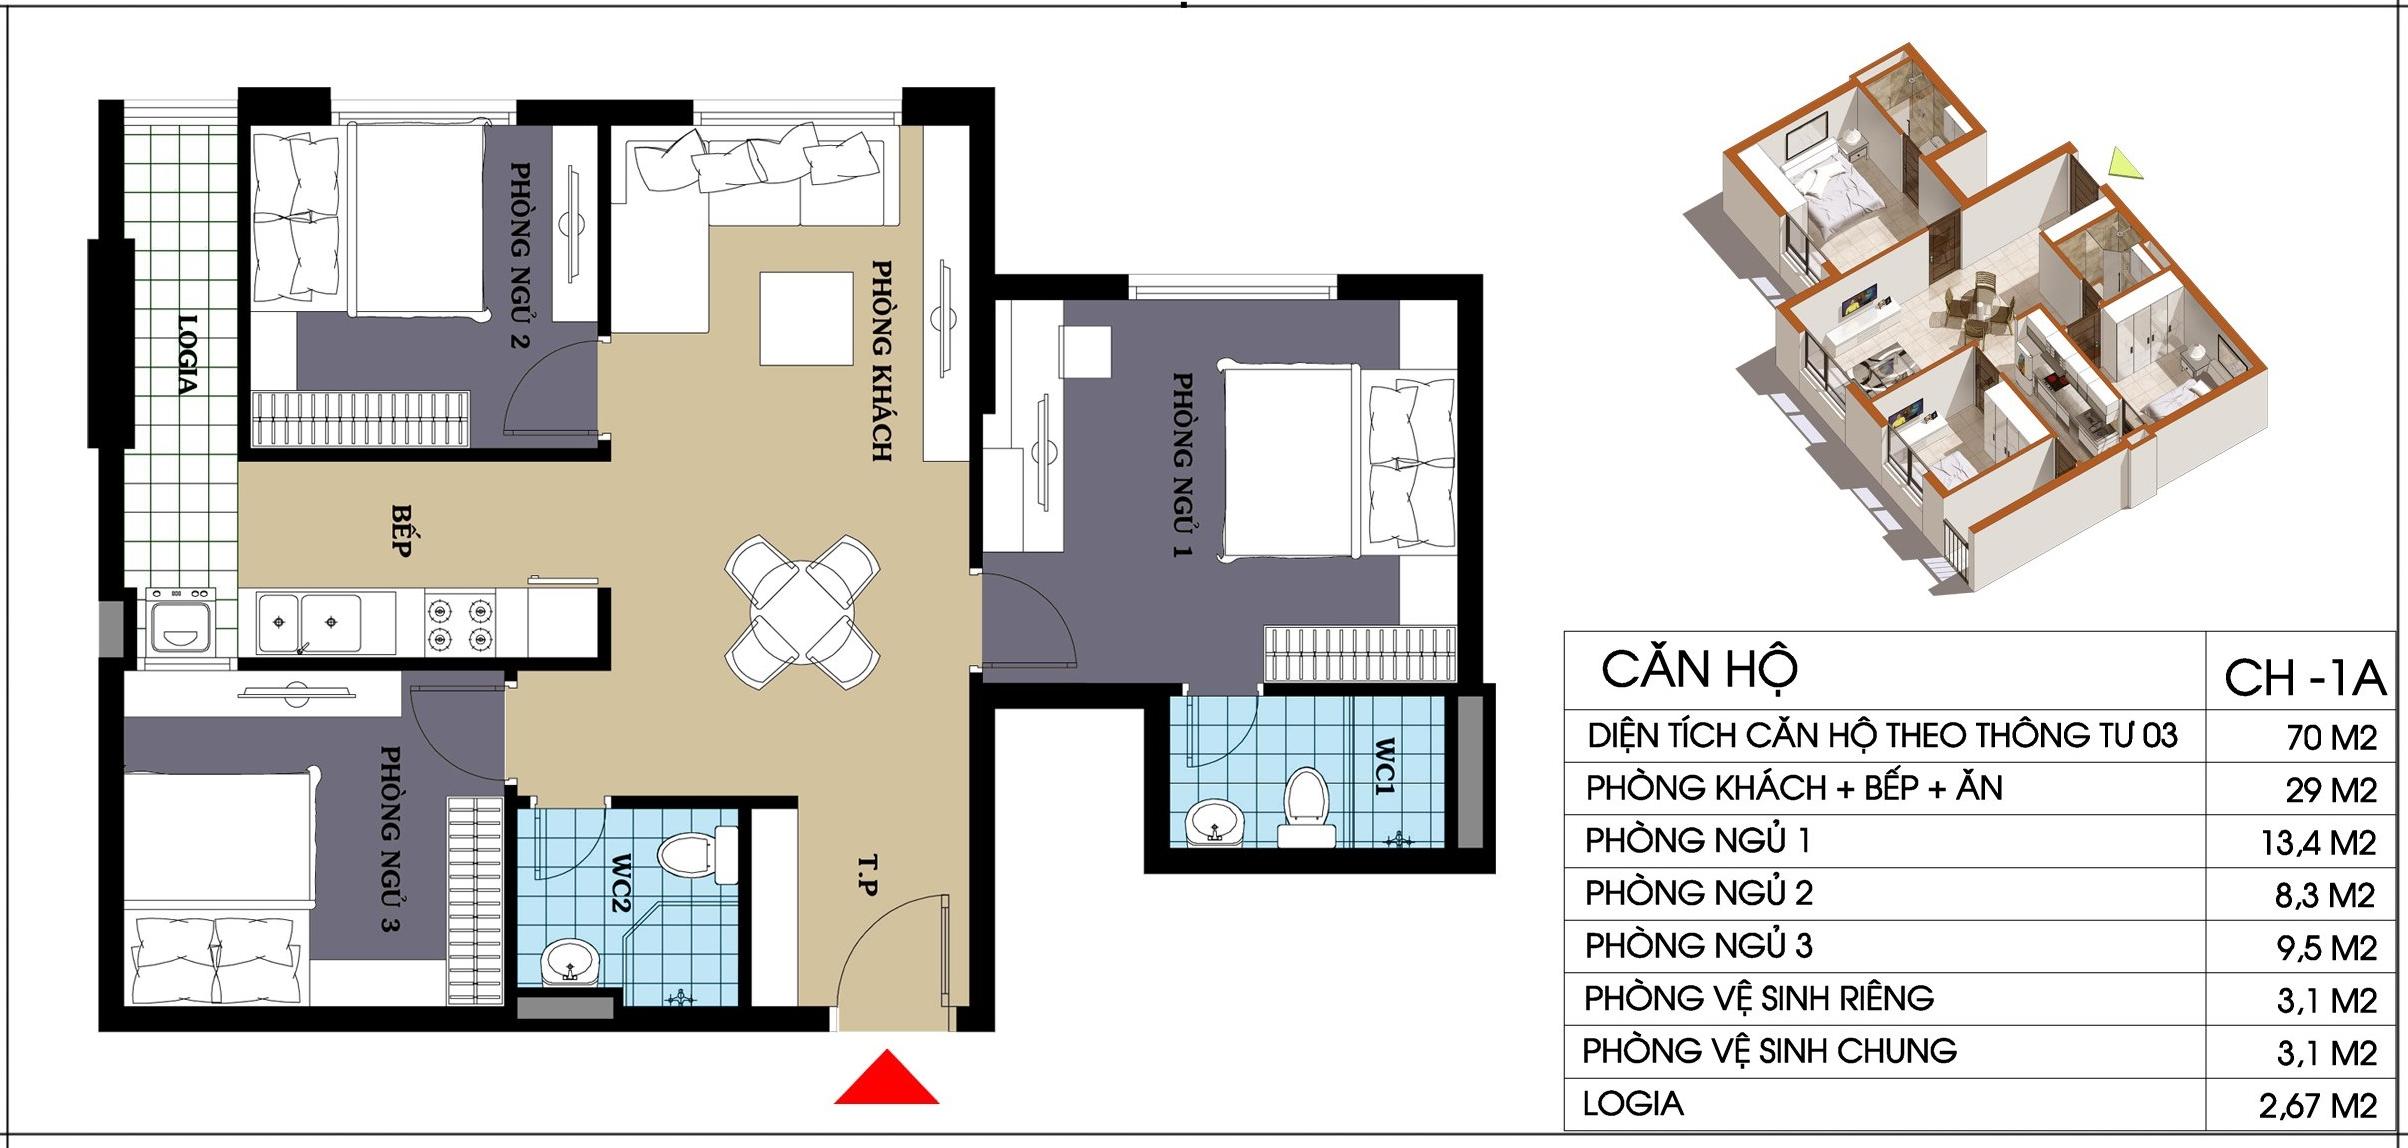 căn hộ 1a chung cư @home